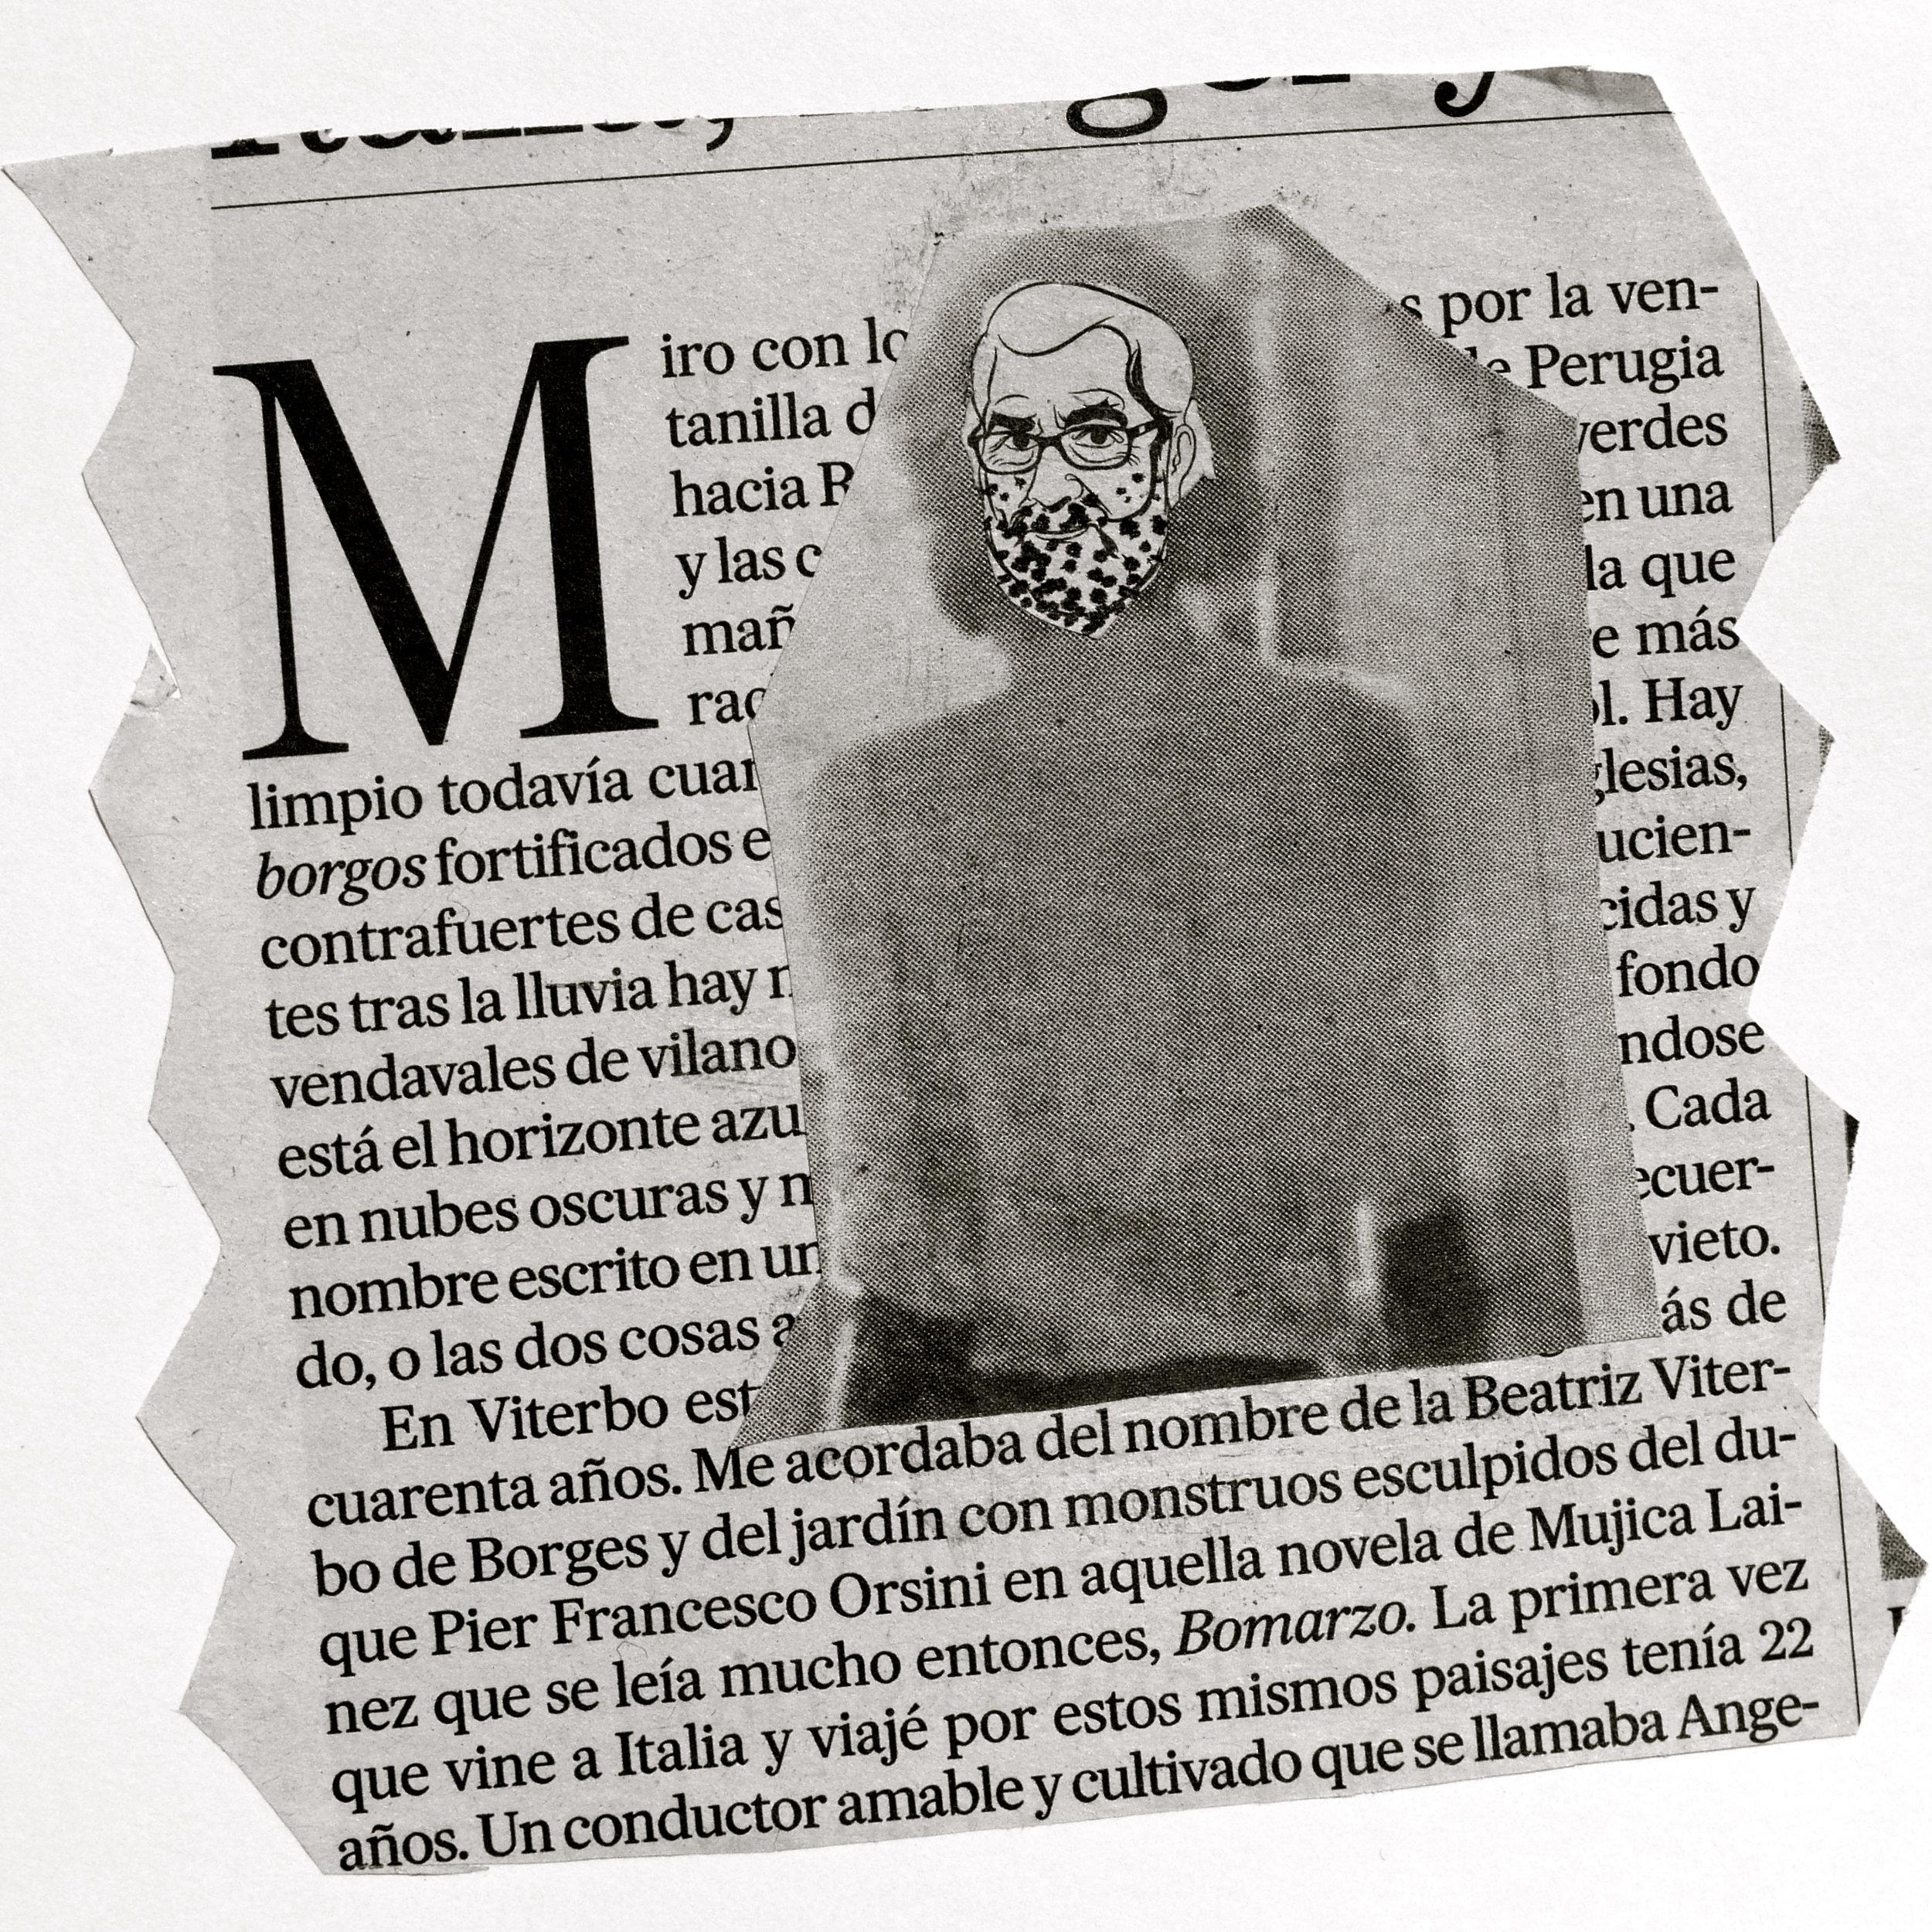 Barbarismus 7 Antonio Muñoz Molina